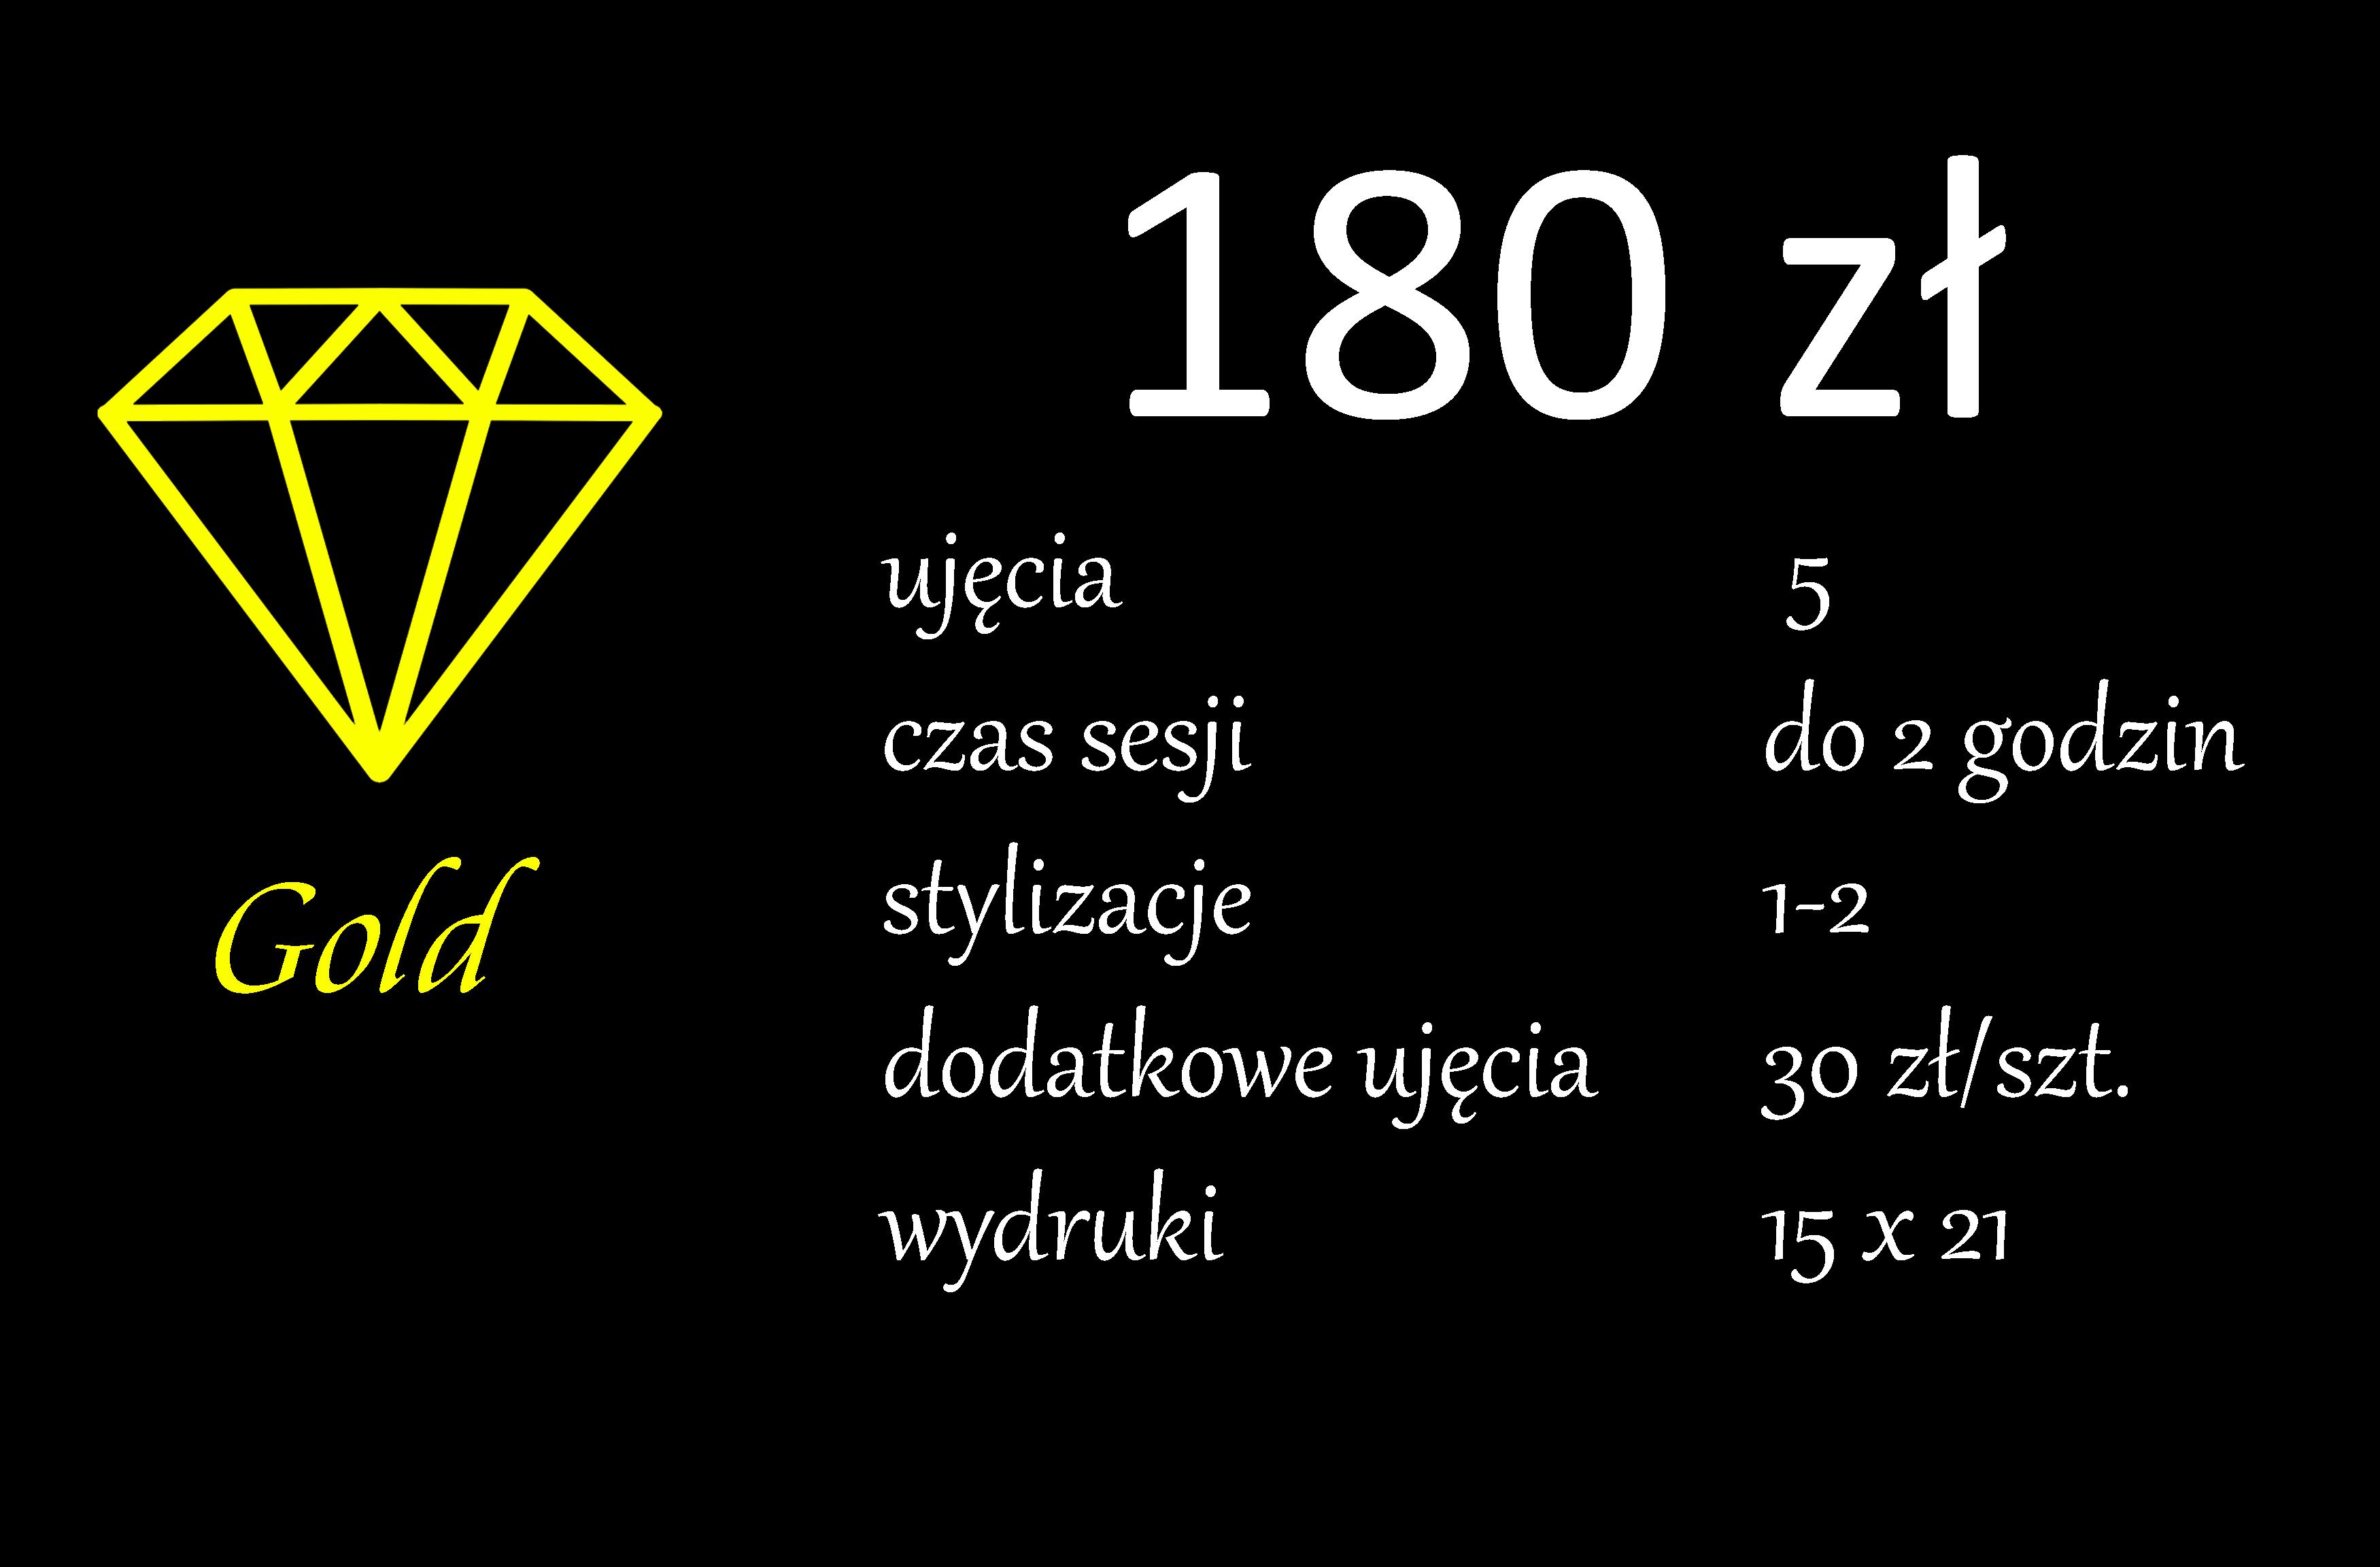 roczkowa_gold